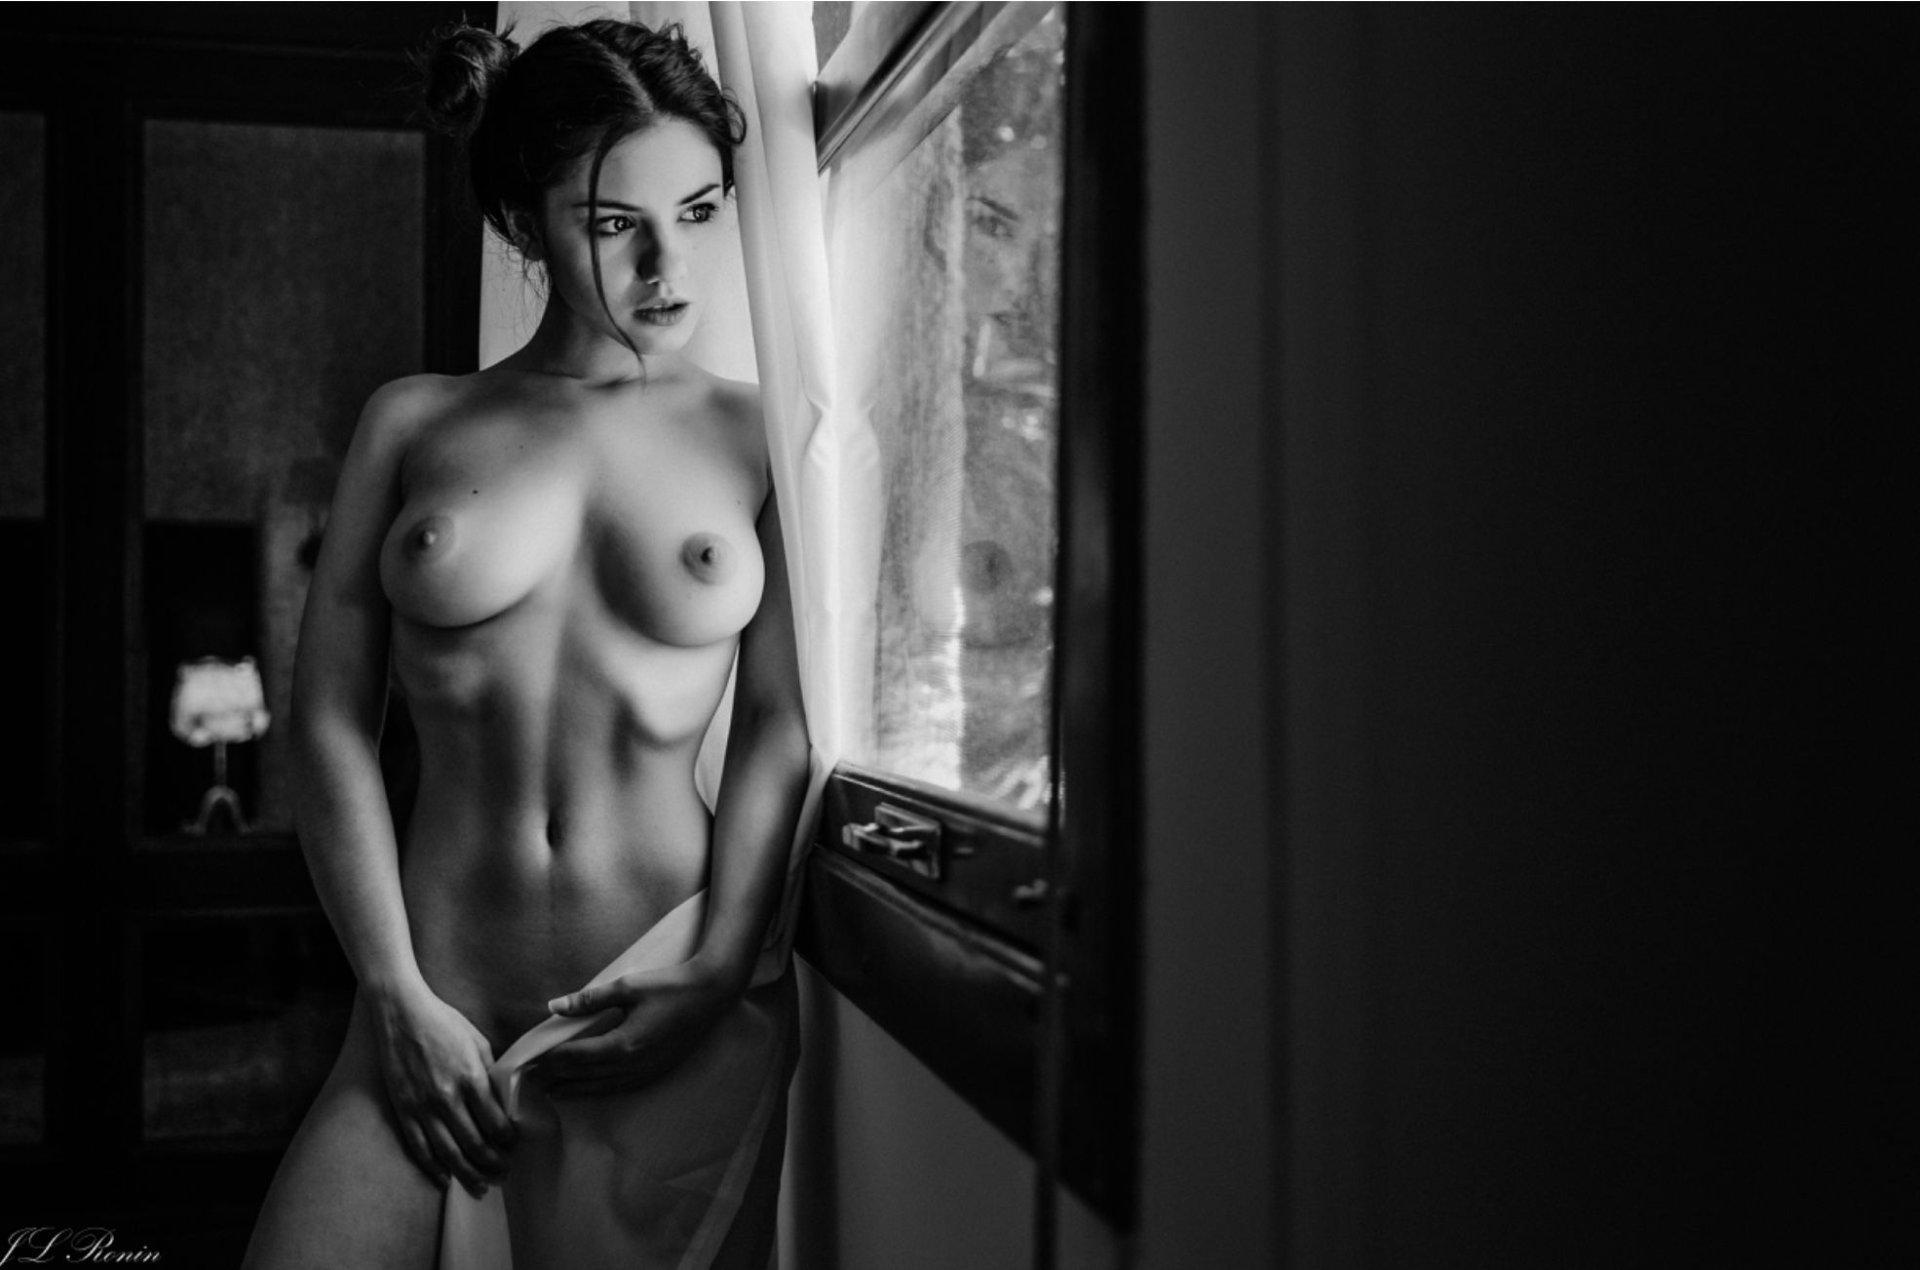 Ashtynn nude